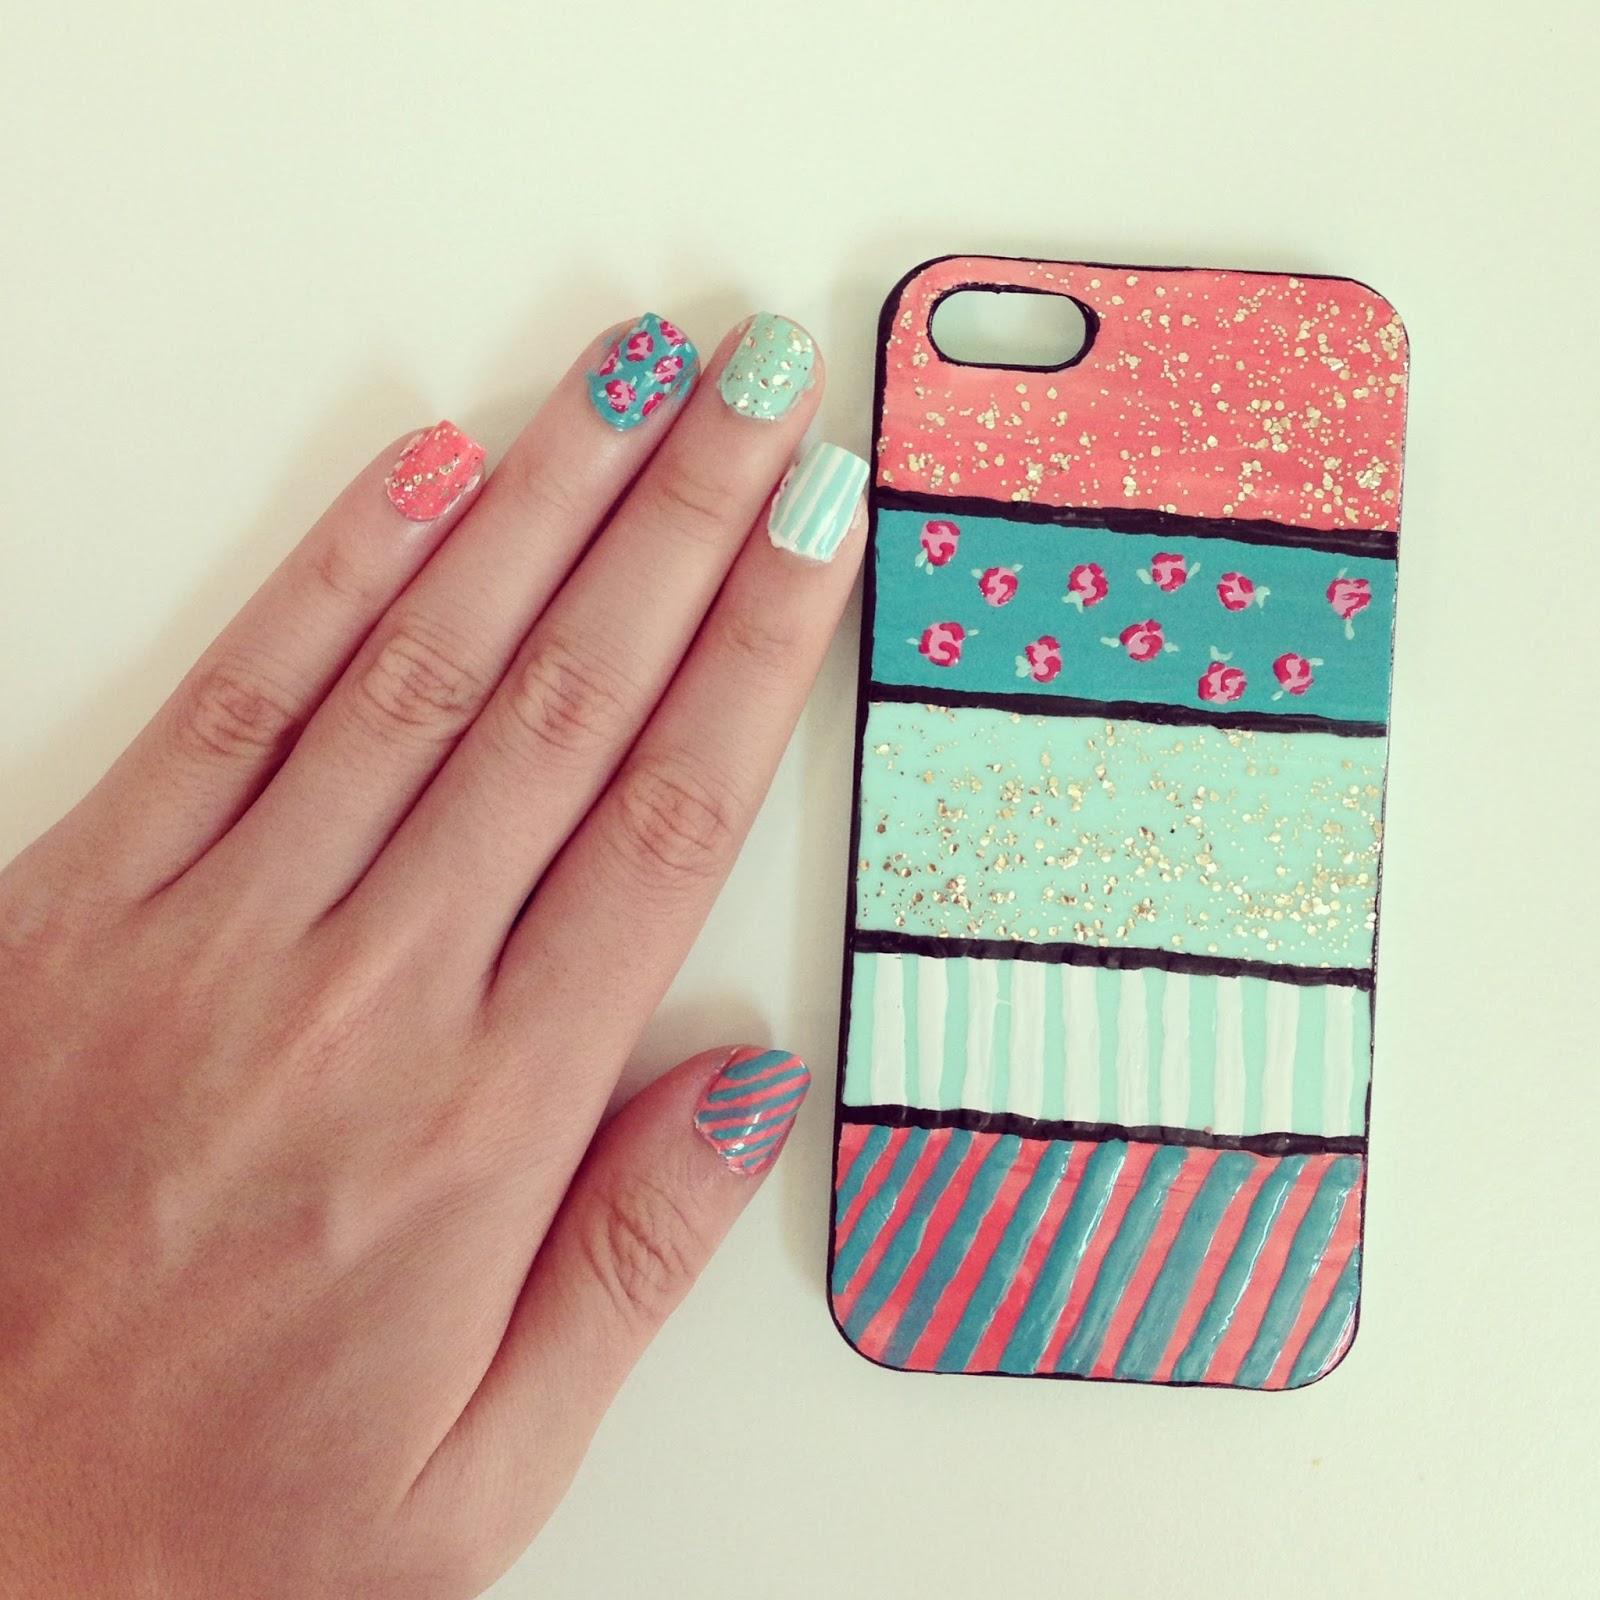 nail art: tumblr floral nails